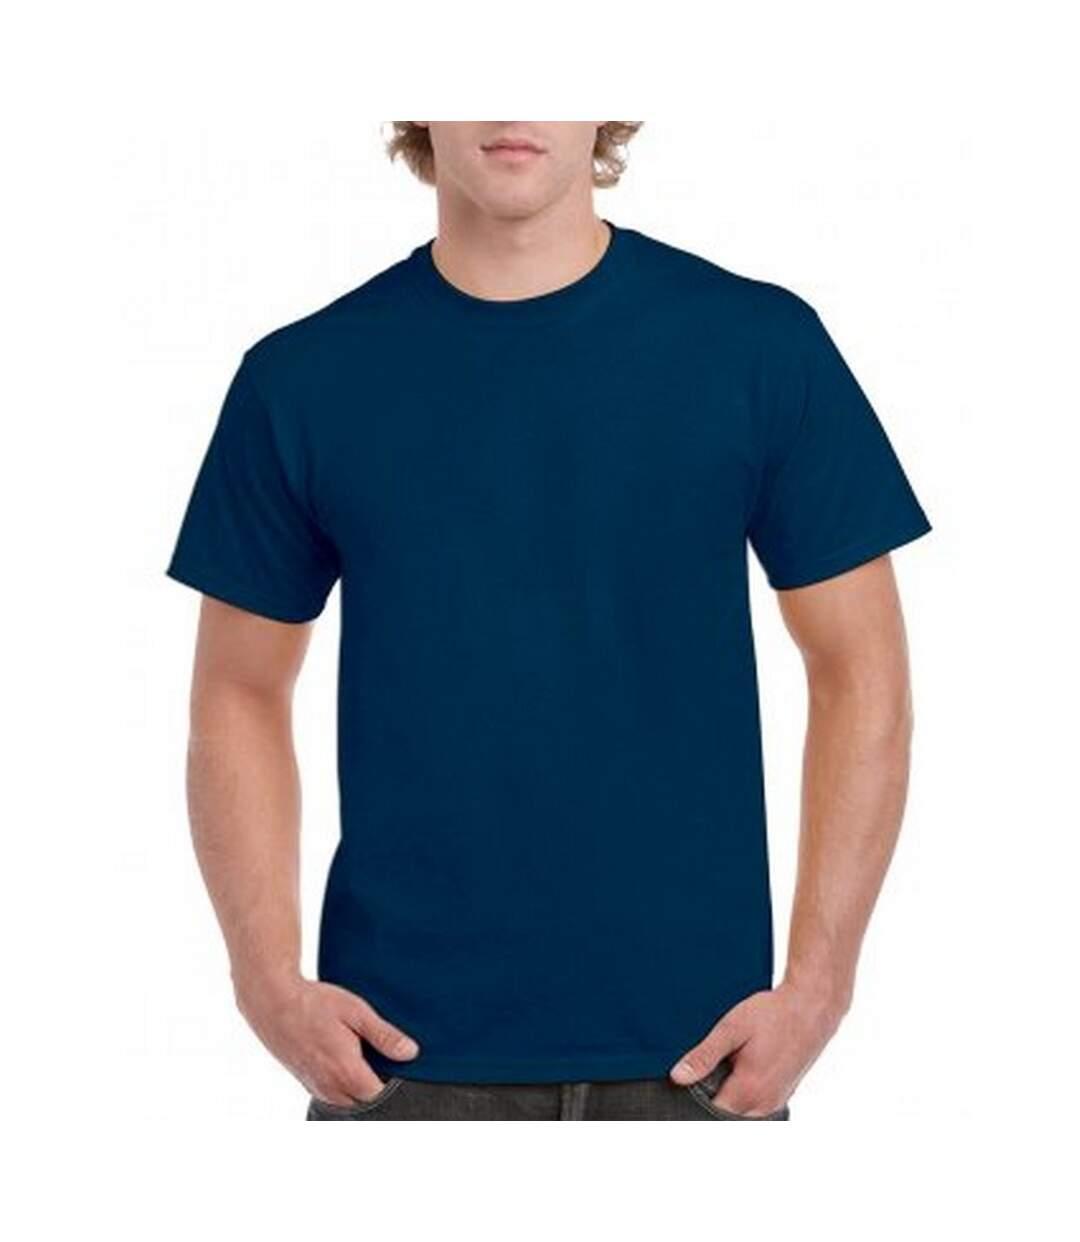 Gildan Mens Hammer Heavyweight T-Shirt (Sport Dark Navy) - UTPC3067